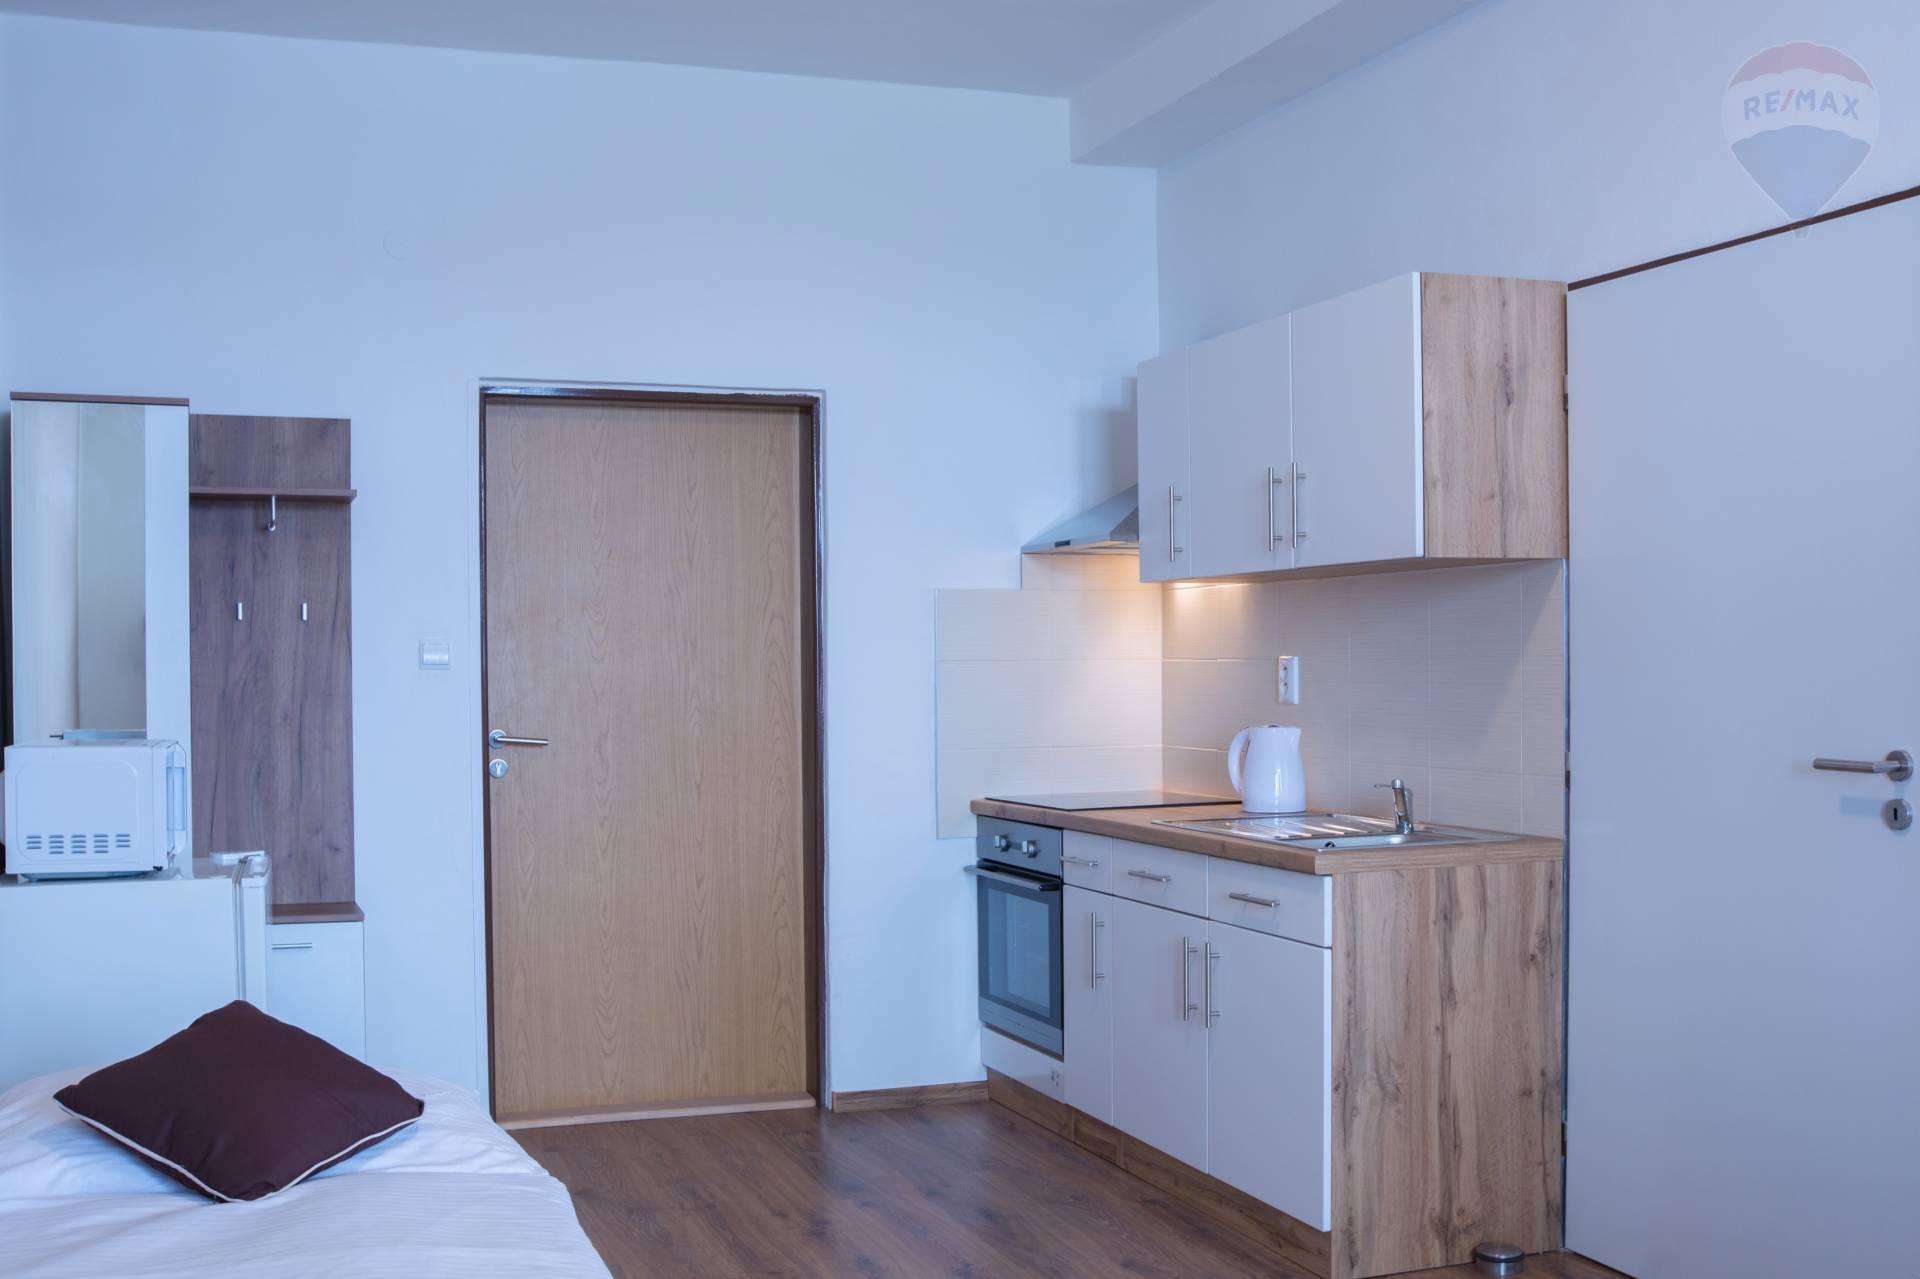 Prenájom bytu (1 izbový) 40 m2, Nitra -